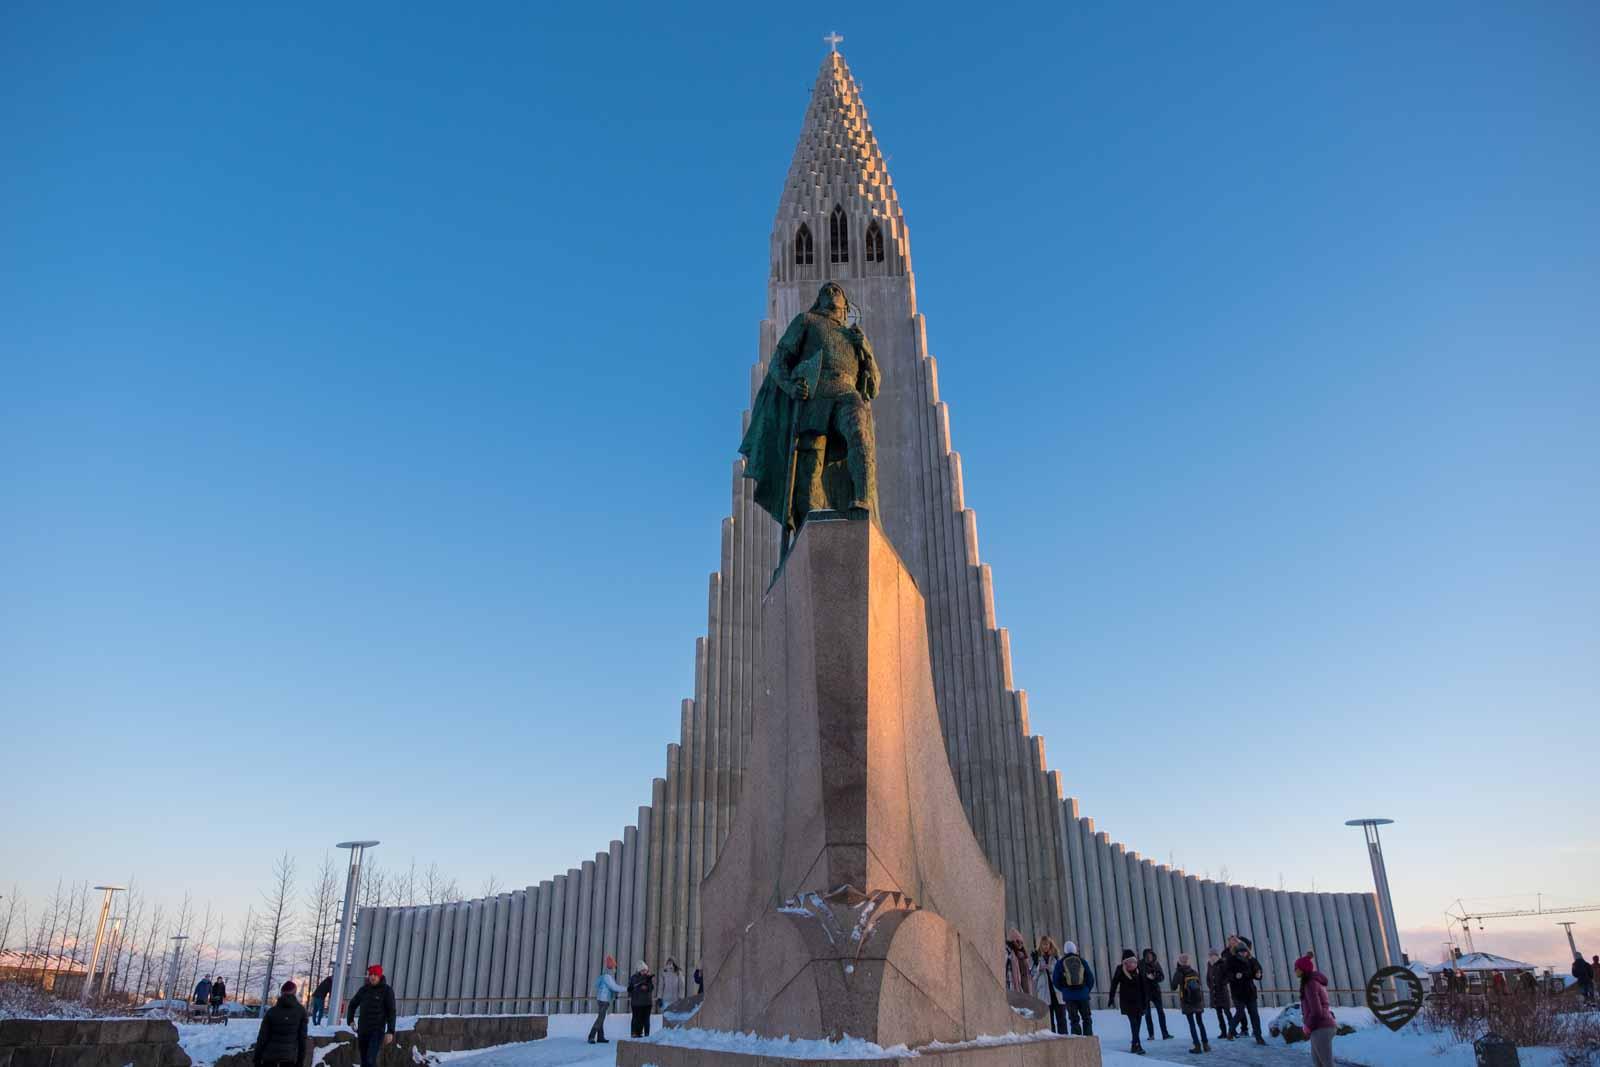 Reykjavik Sehenswürdigkeiten – Islands Hauptstadt enttäuscht mich